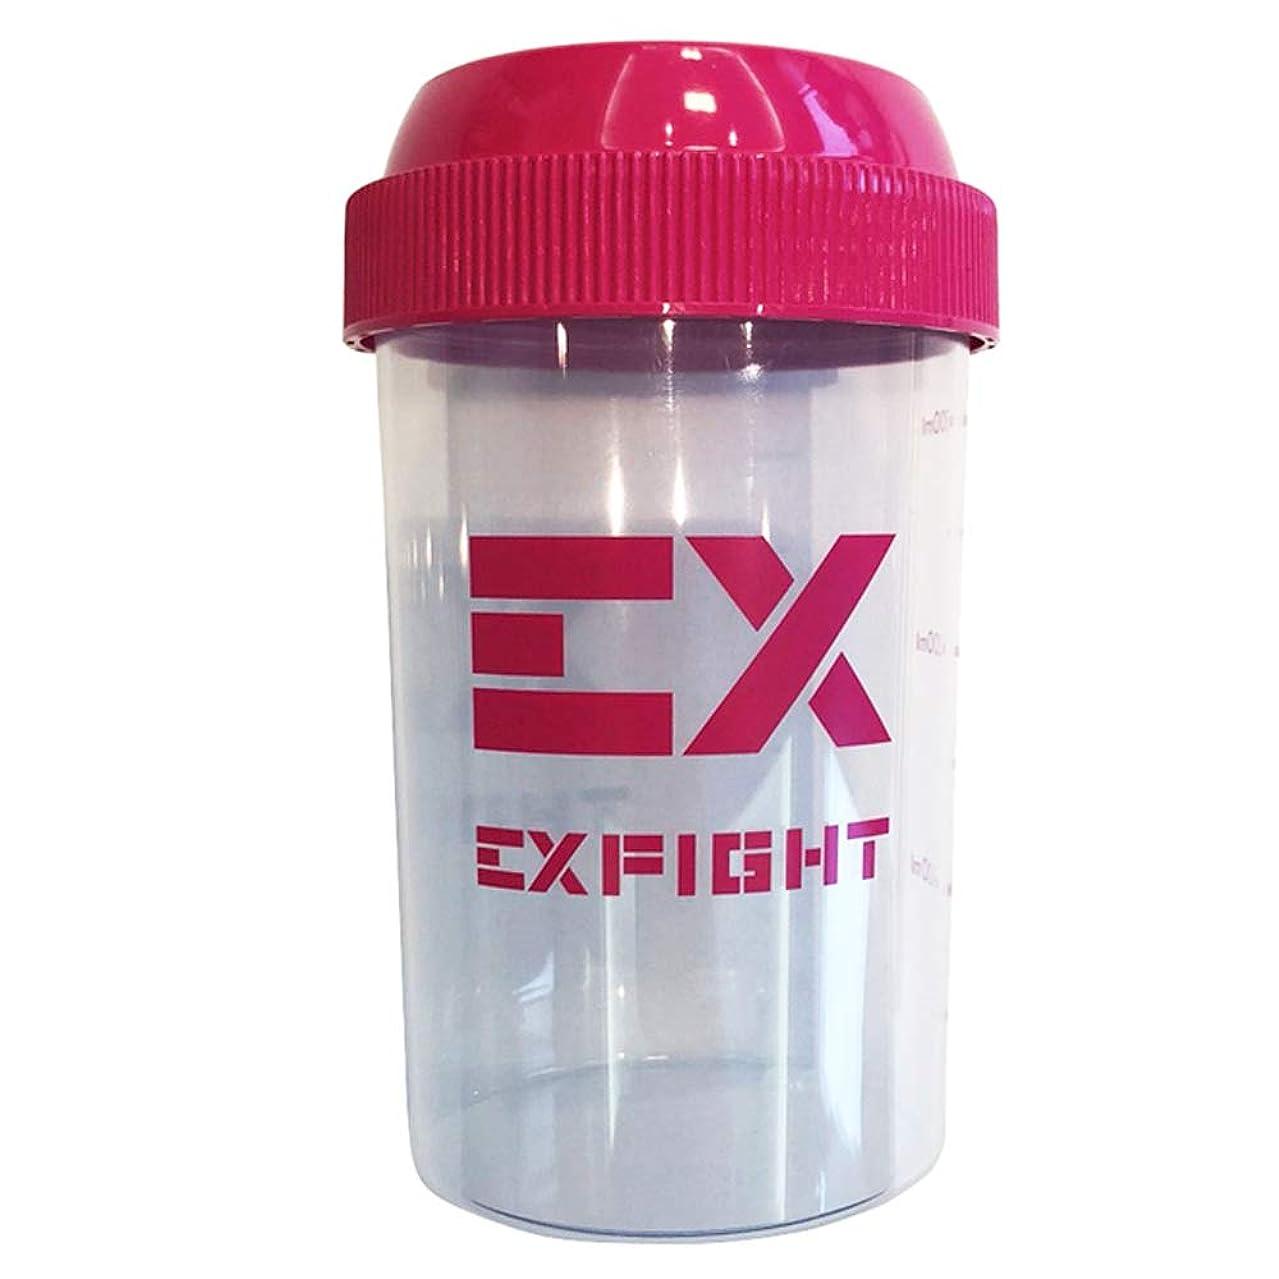 内部ダブル麻痺させるEX-SHAKER シェイカーボトル ピンク 300ml(エクスサプリ EXSUPPLI シェーカー EXILE サプリ)